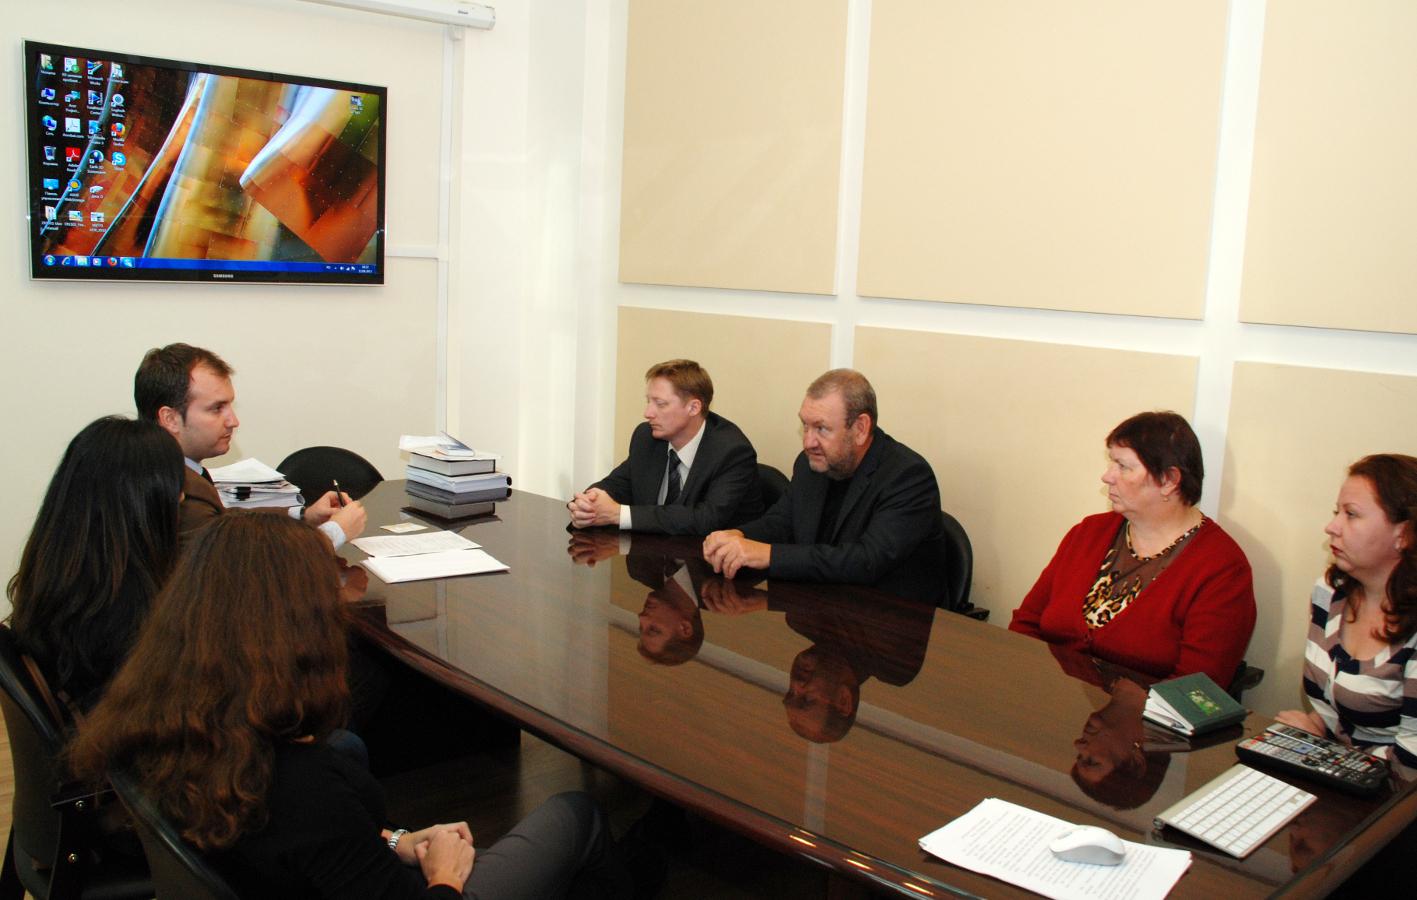 ИСИБ ТУСУР посетил генеральный директор французской компании, занимающейся консалтингом ипредоставлением IT-инструментов длябизнеса